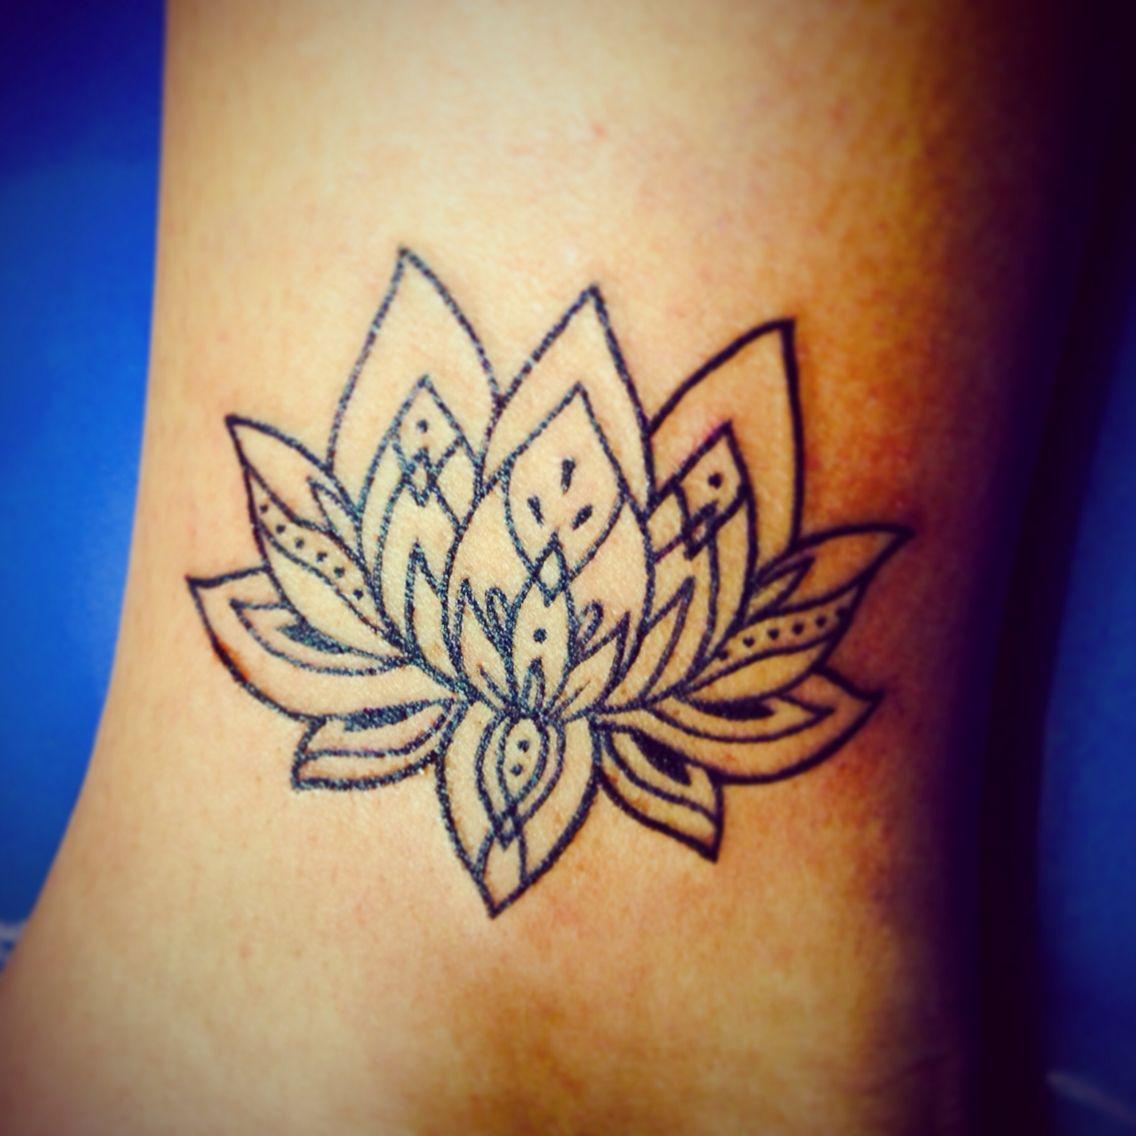 Lotus Flower Girl Tattoo Ankle Flower Tattoo On Ankle Tattoos Lotus Tattoo Design